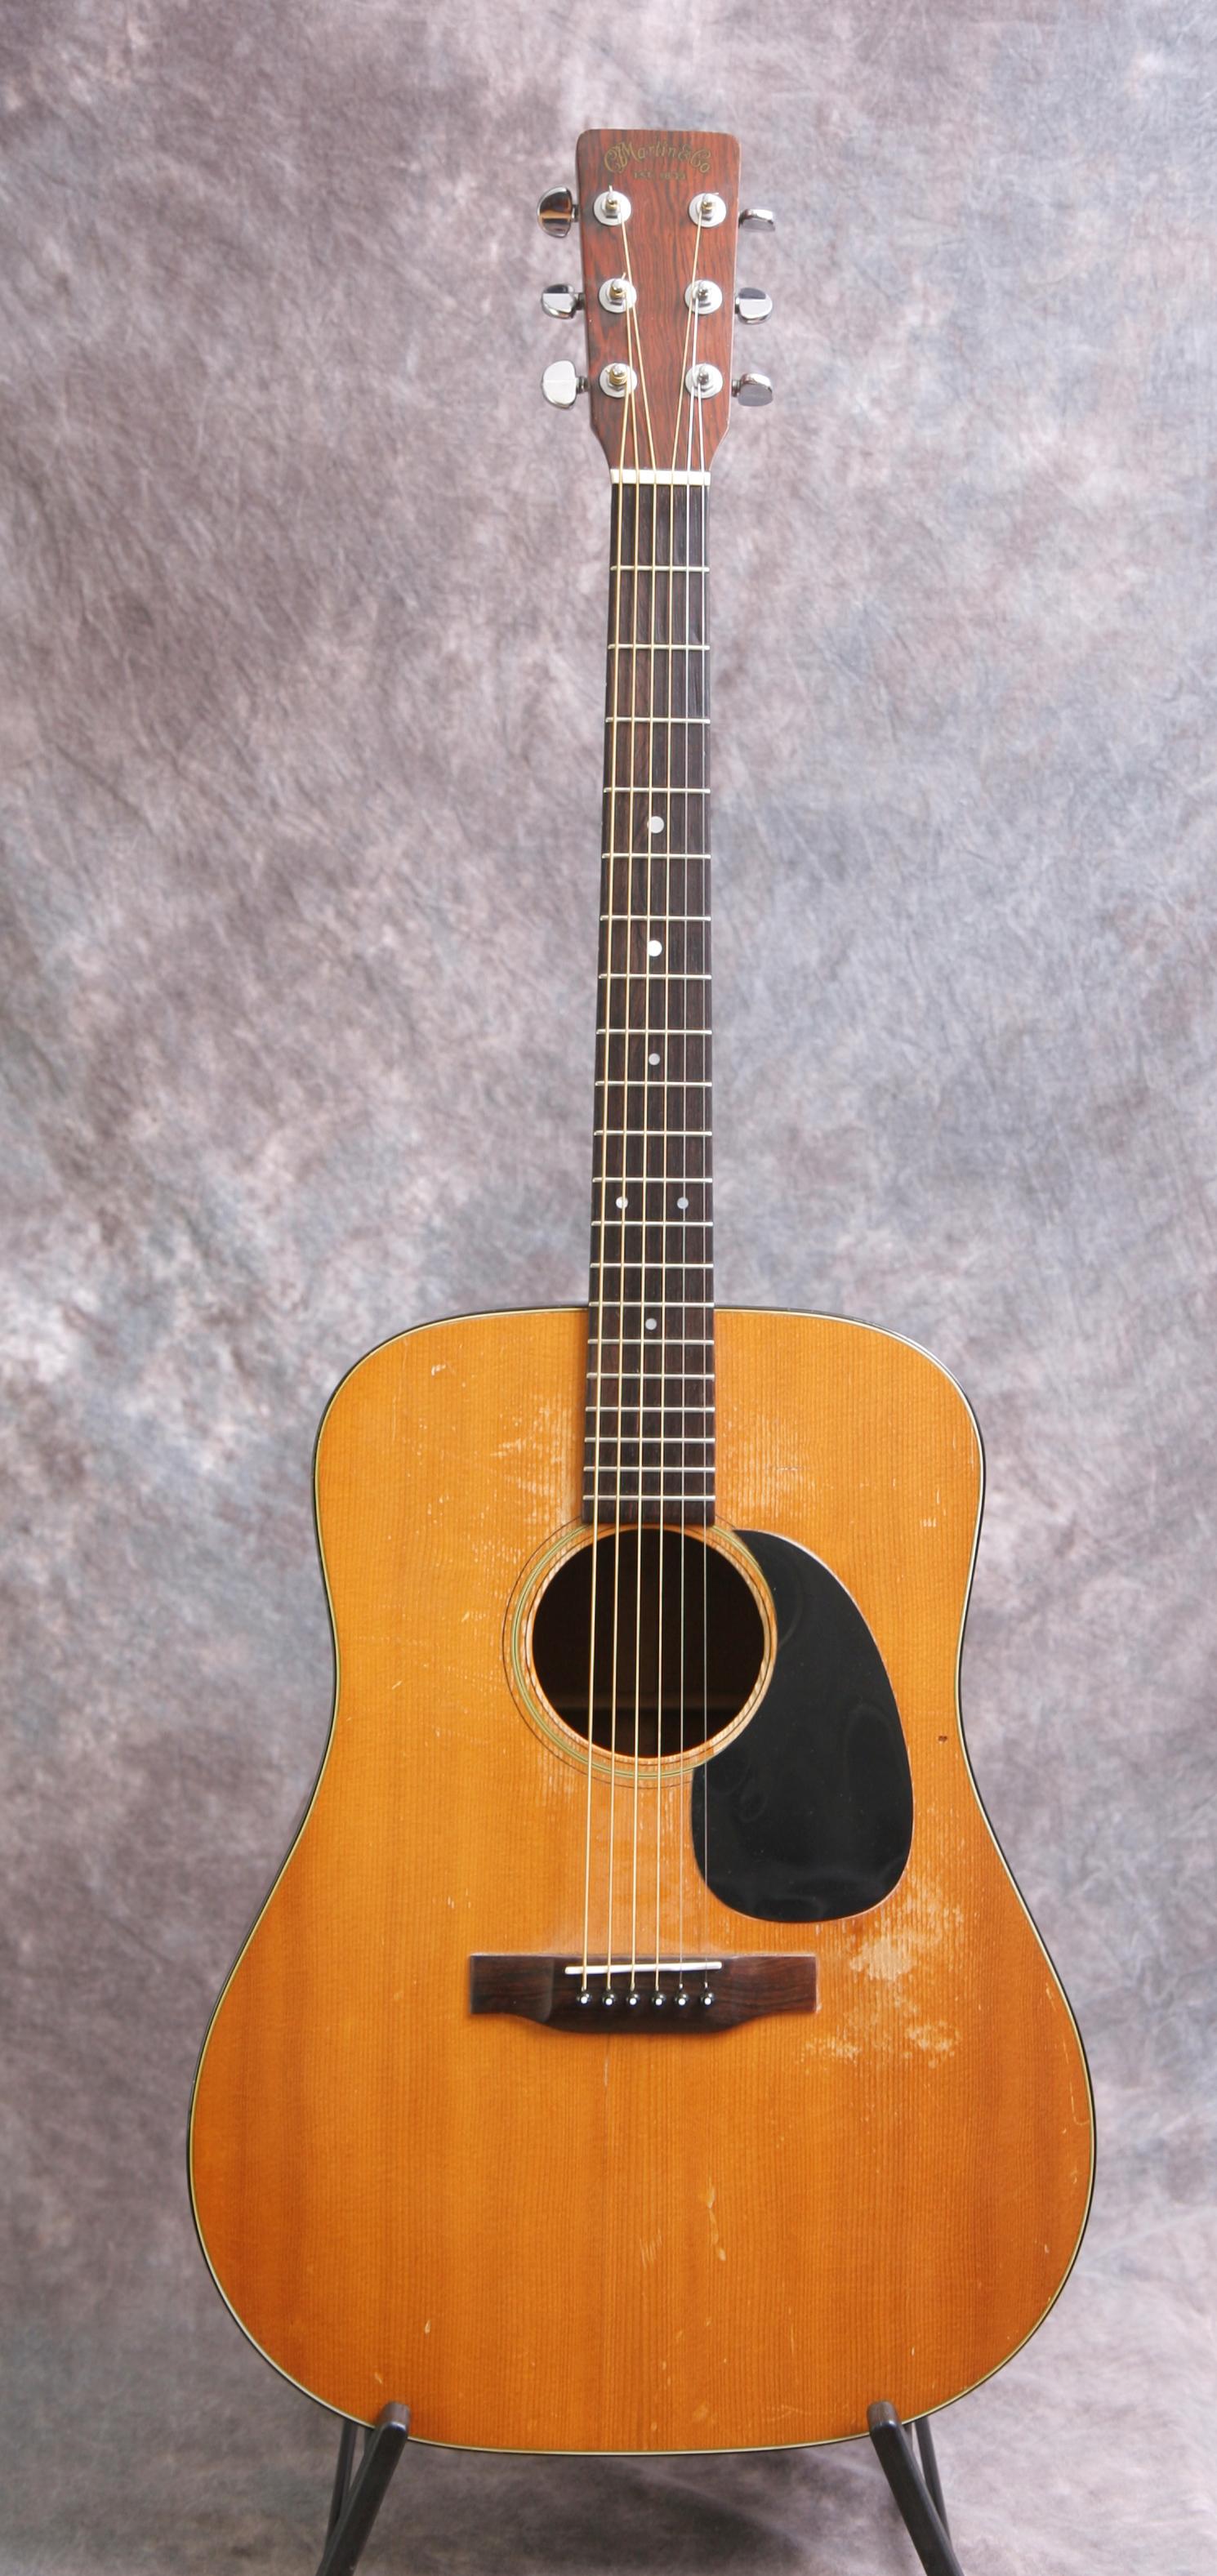 1969 martin d 18 guitar. Black Bedroom Furniture Sets. Home Design Ideas